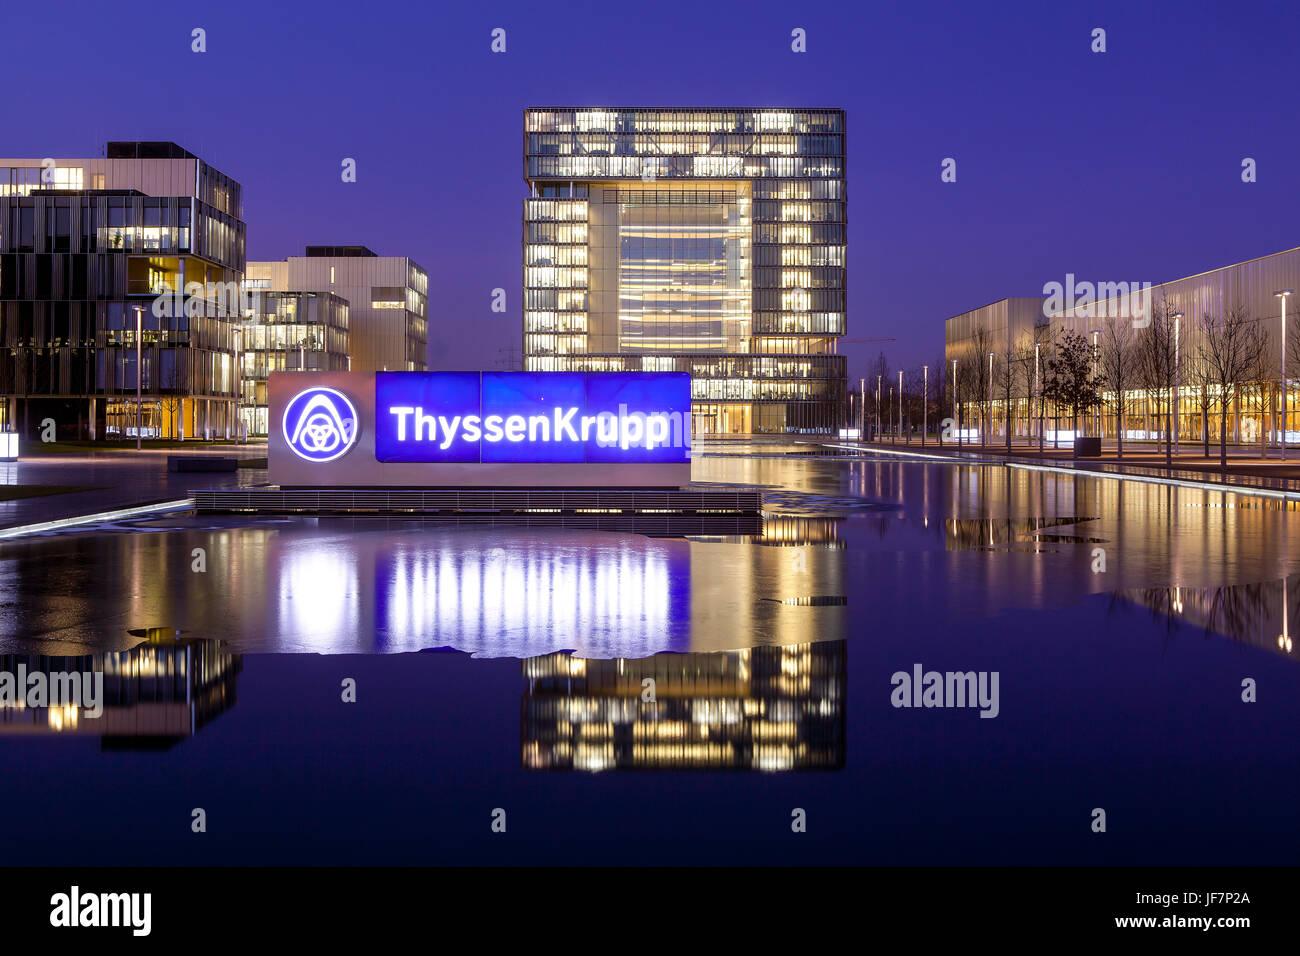 ThyssenKrupp Quartier, Head Office, Essen, North Rhine-Westphalia, Germany, Europe, ThyssenKrupp Quartier, Hauptverwaltung, Stock Photo